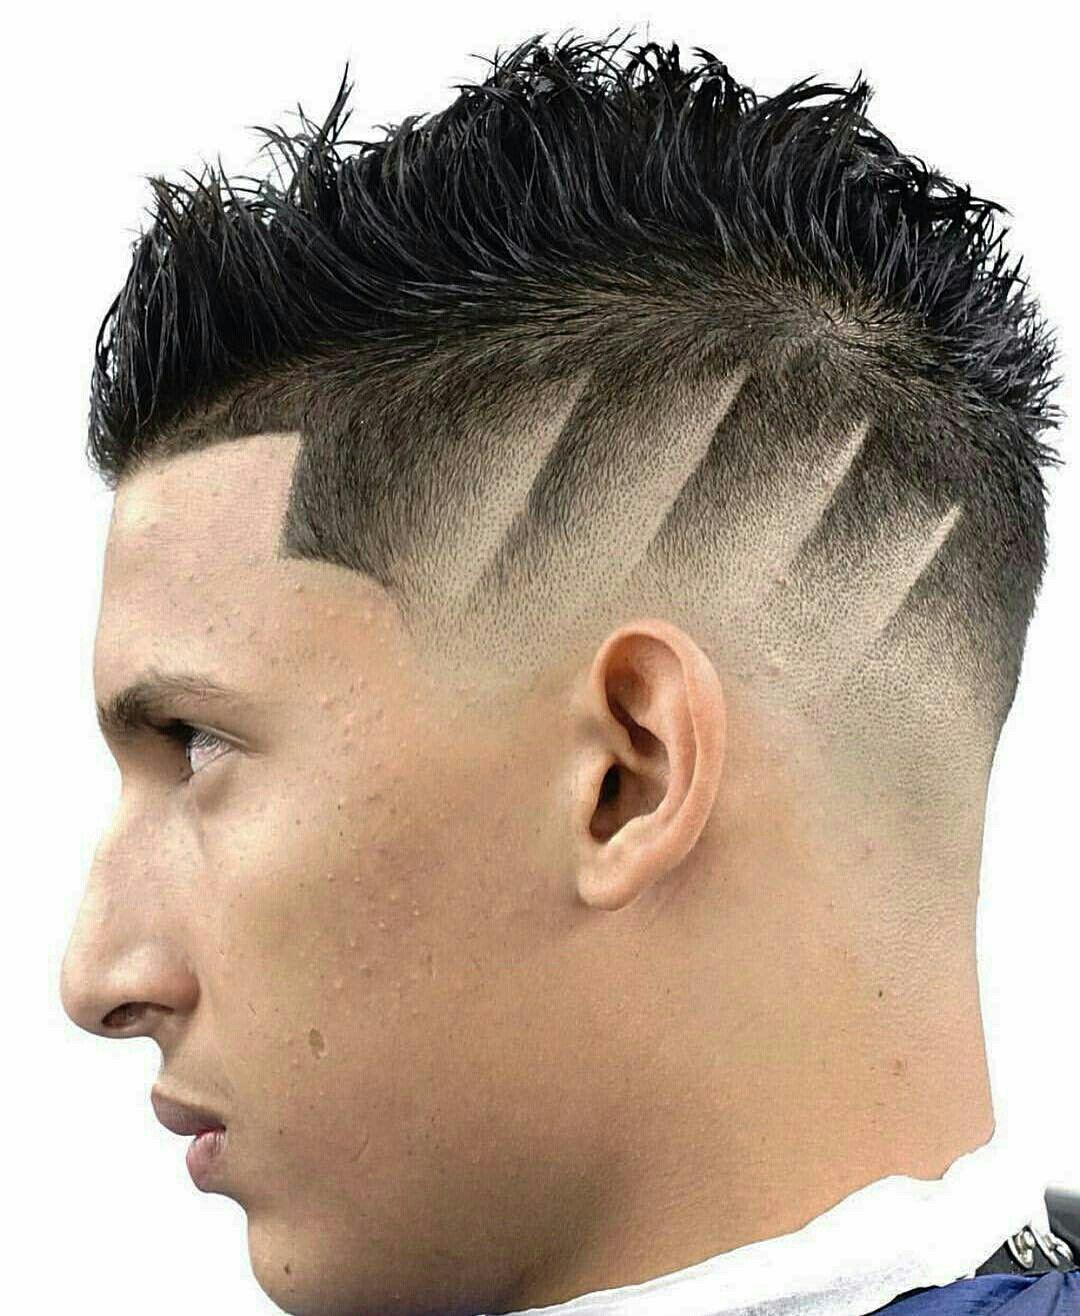 Herren Frisur Mit Strich Finden Sie Die Beste Frisur Inspiration Hier